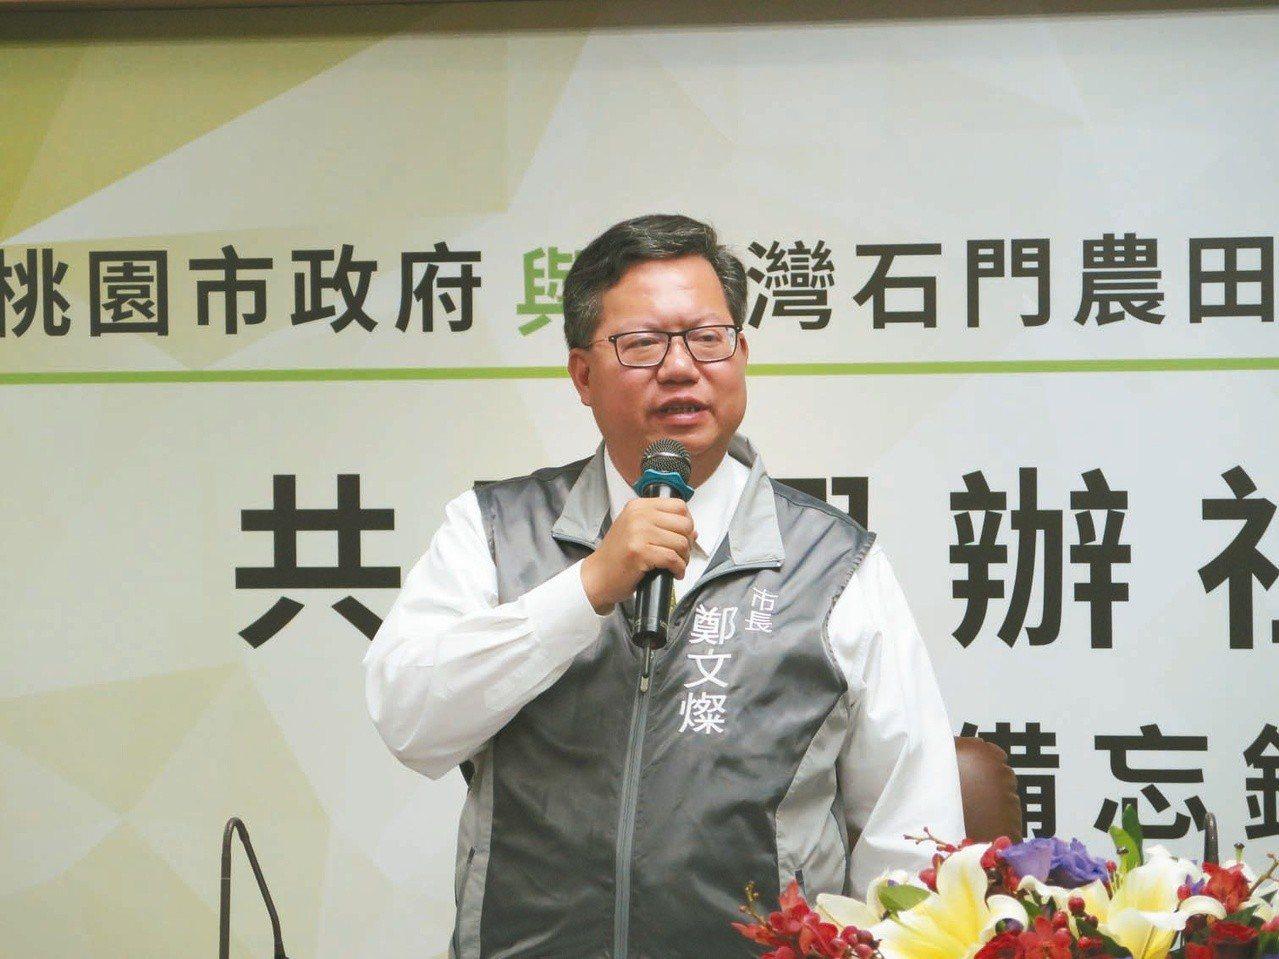 桃園市長鄭文燦。 圖/聯合報系資料照片